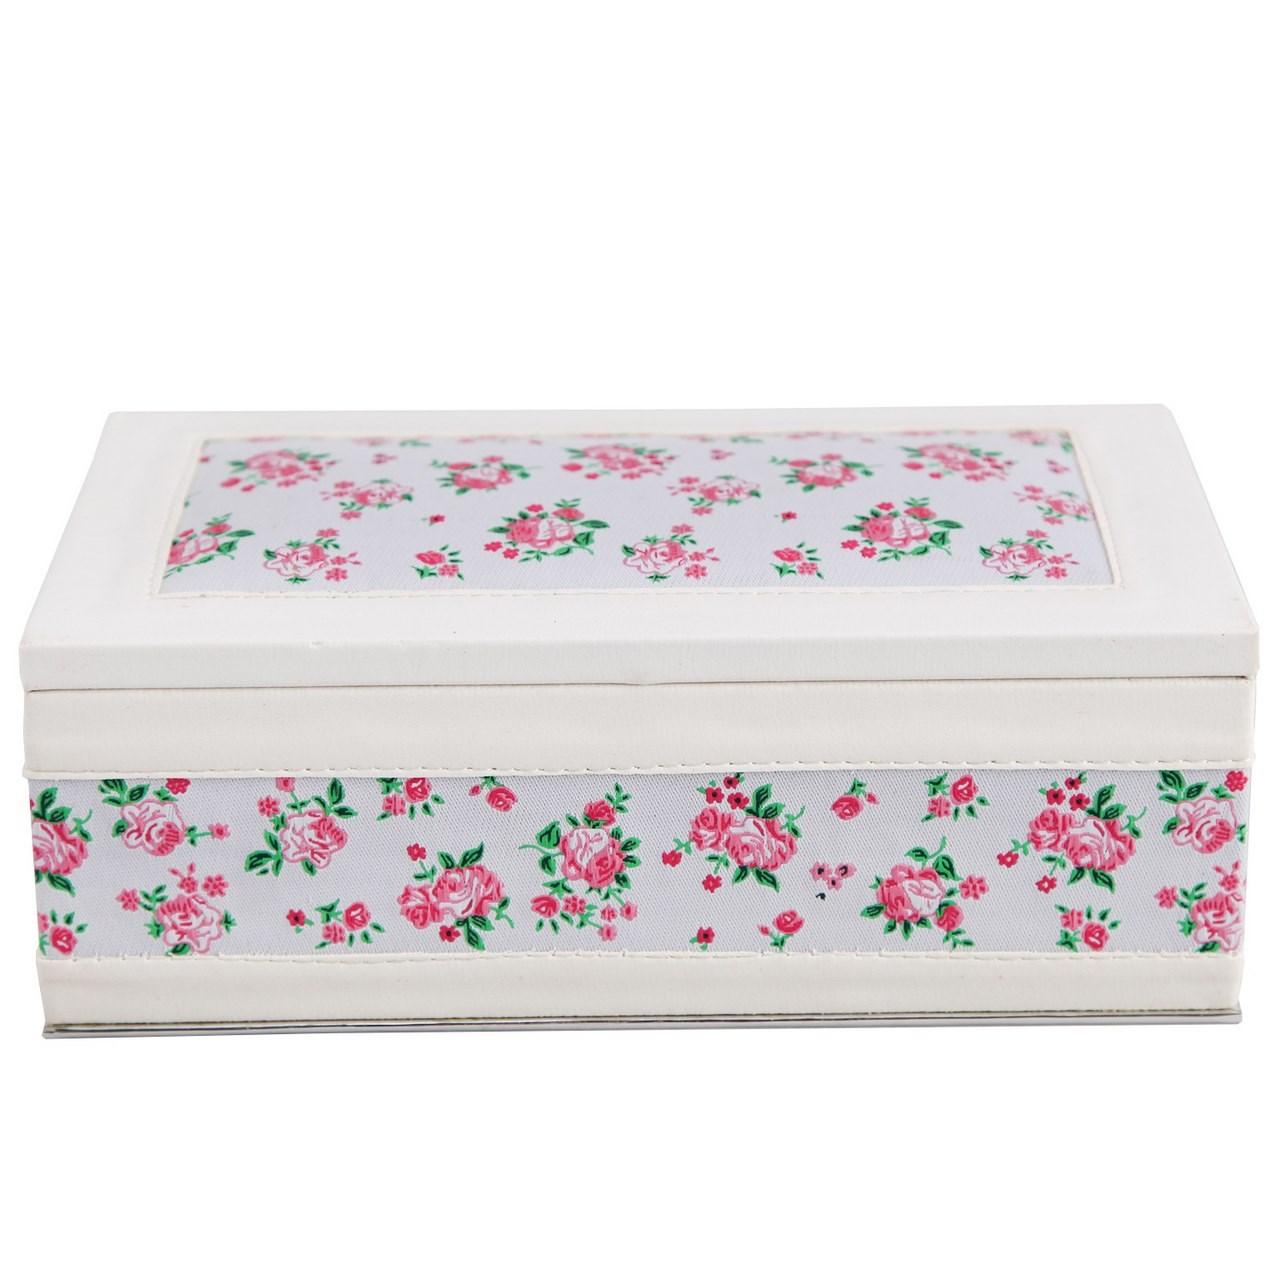 جعبه چرمی گالری طهرانی کد 191032